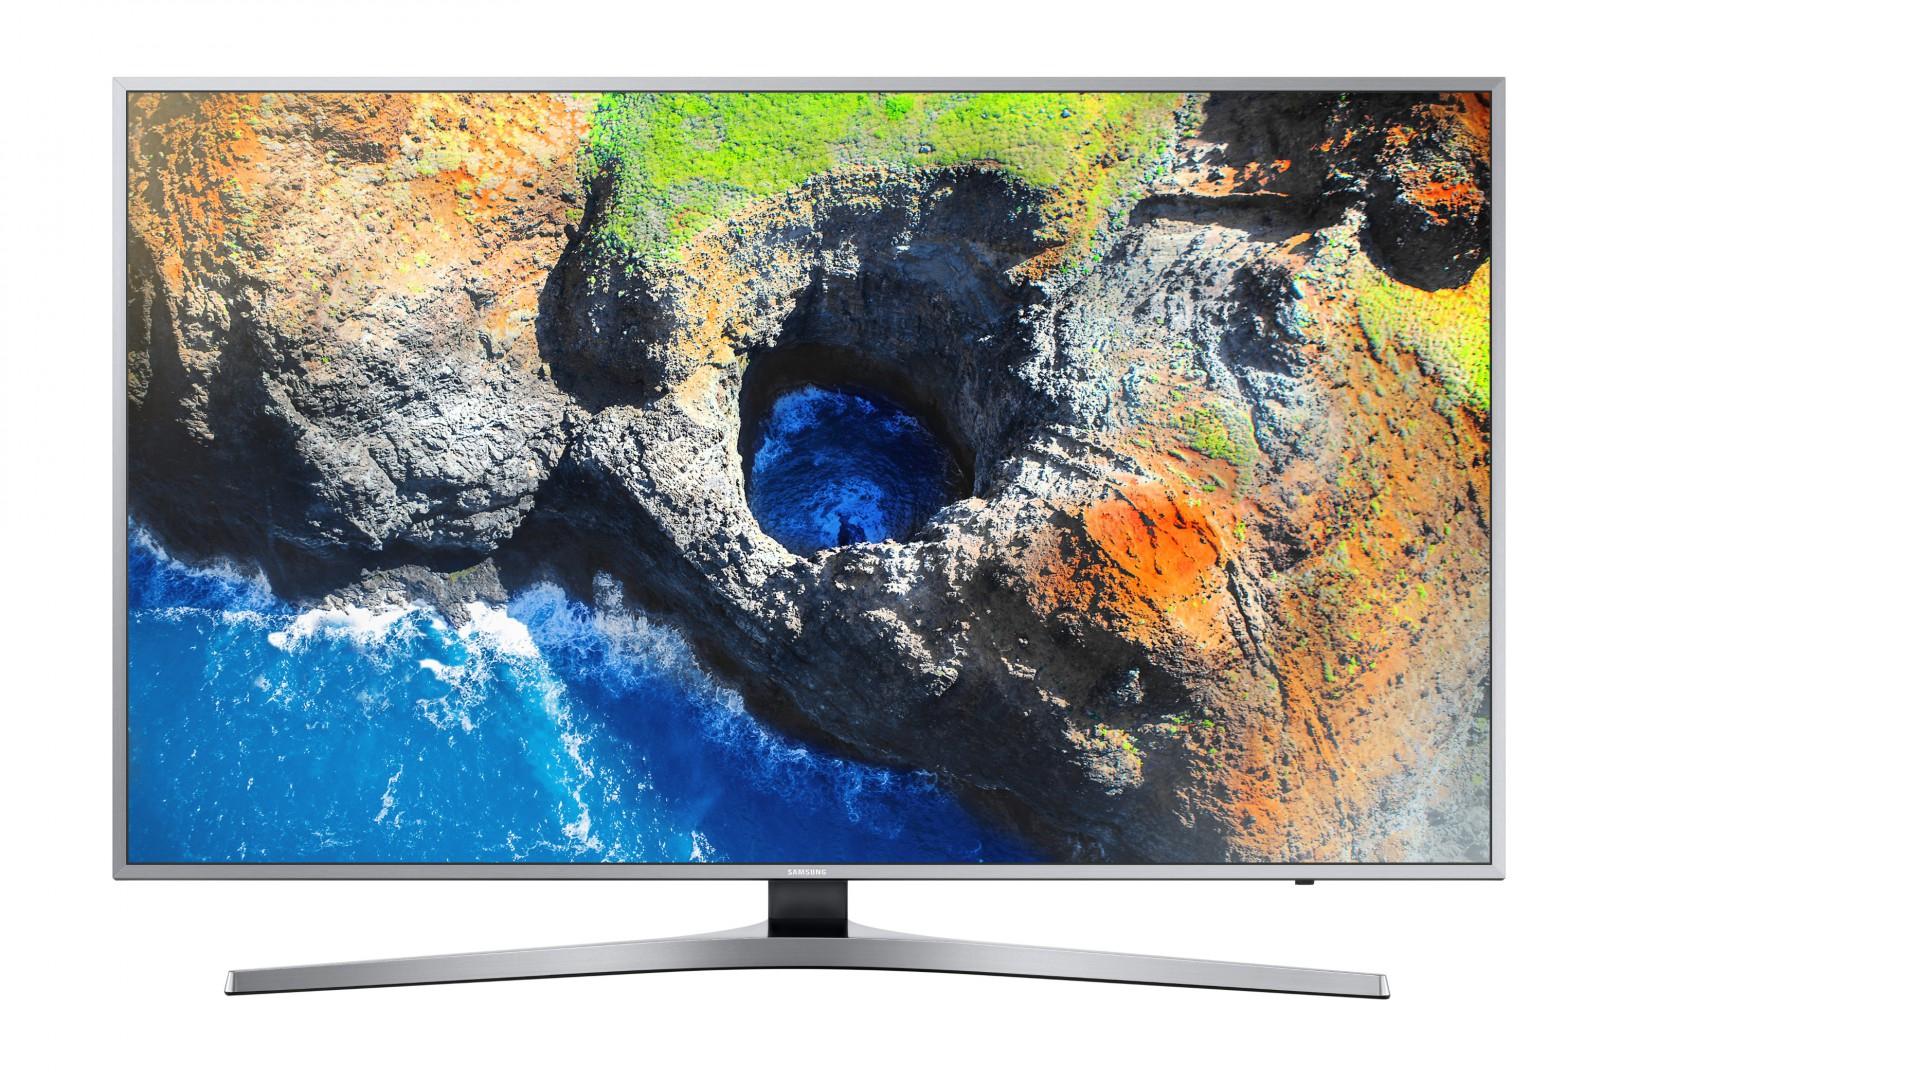 """SAMSUNG UE55MU6402 telewizor 55"""" w najniższej cenie na rynku"""